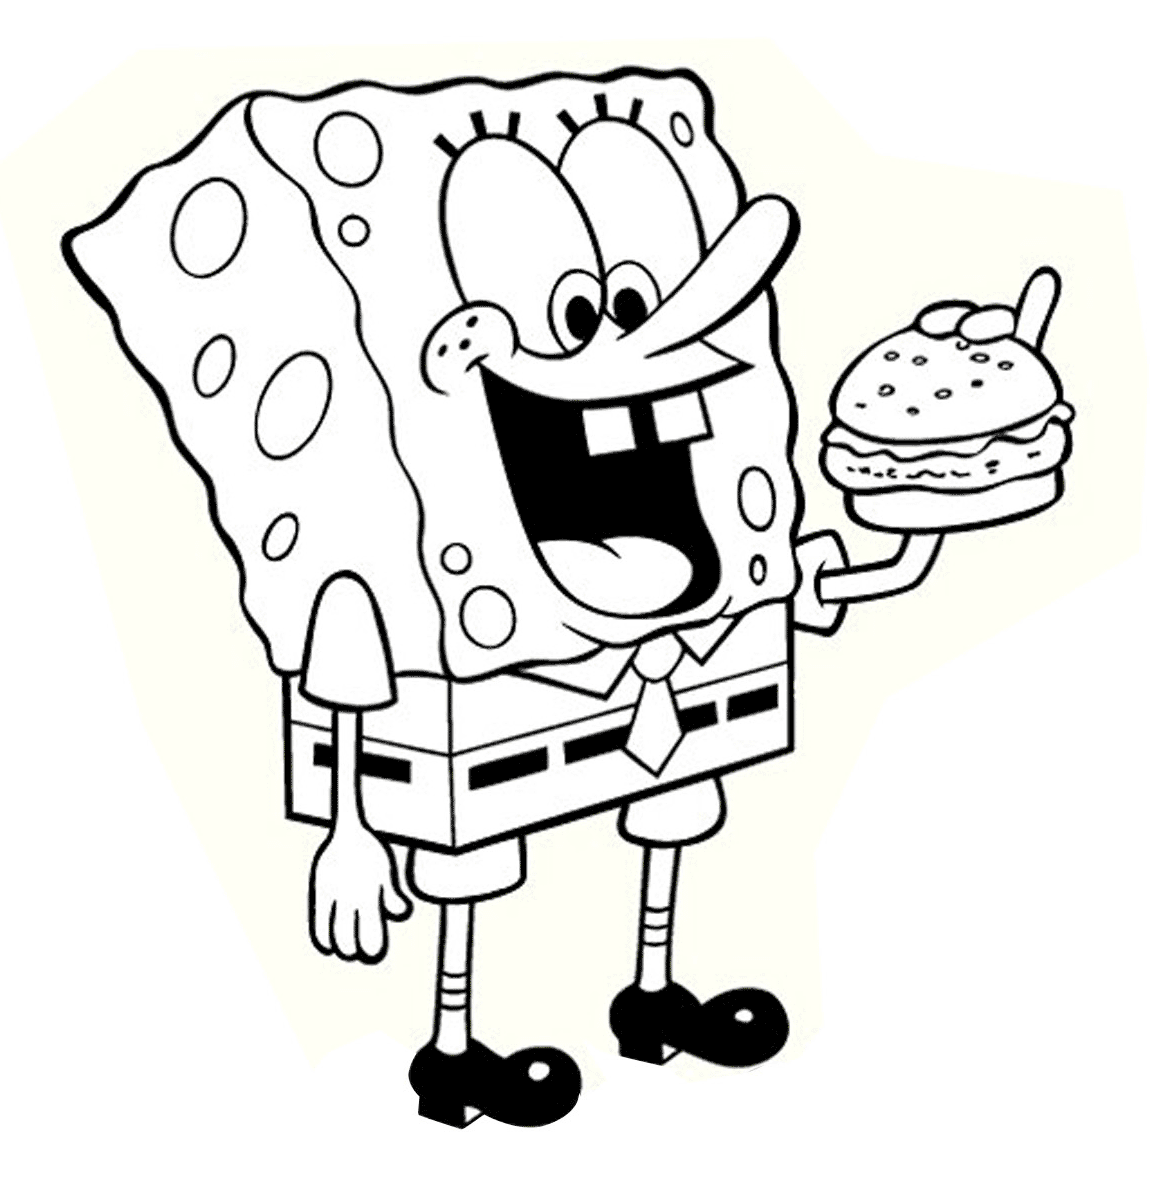 Coloring Pages SpongeBob SquarePants